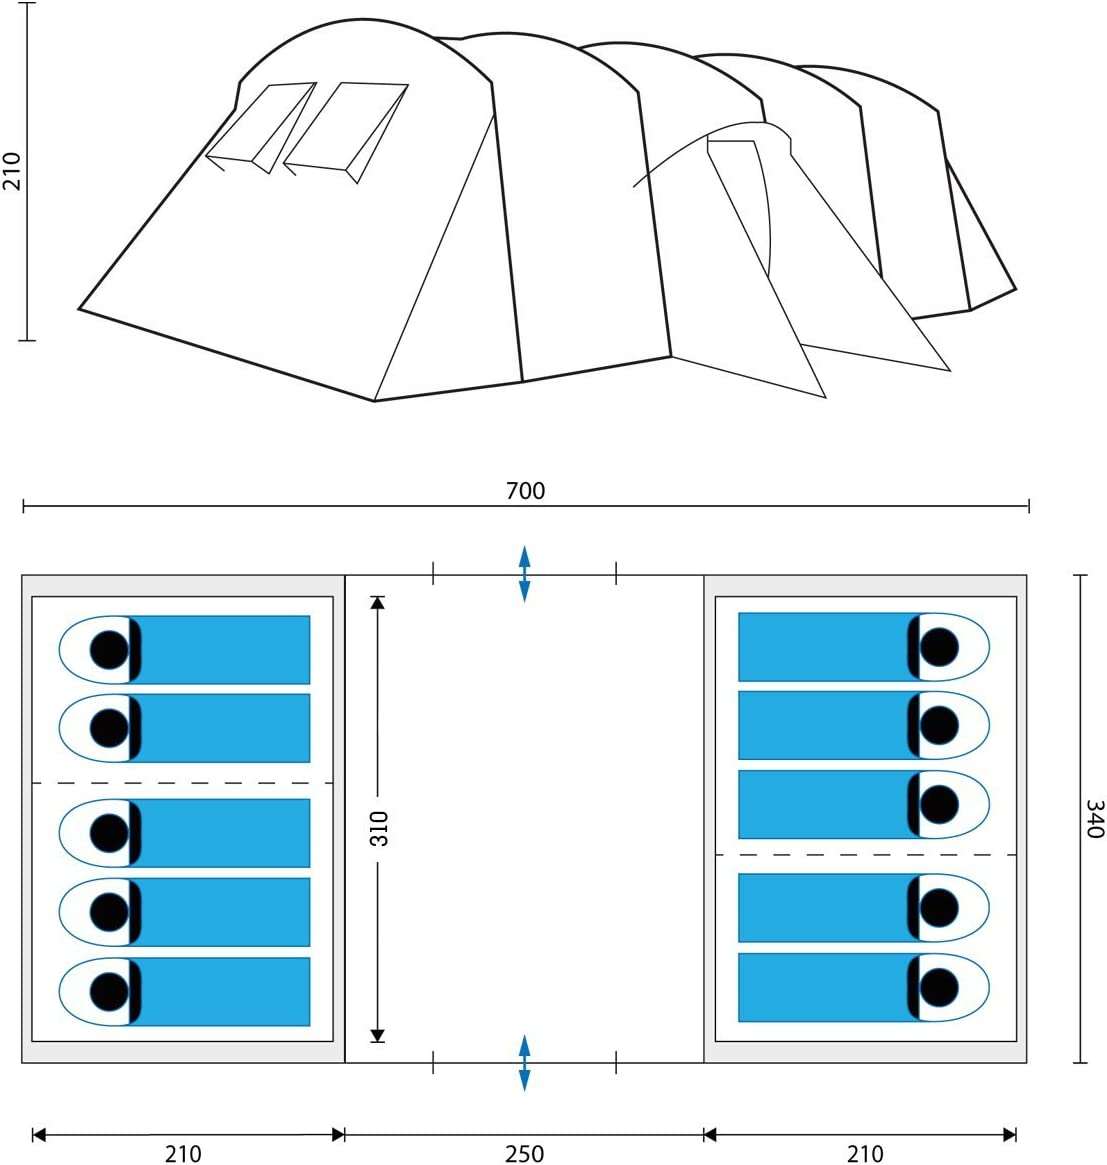 Tunnel-Zelt mit 2 Schlaf-Kabinen Gro/ßes Insekten-Netzen und /über 2 m Stehh/öhe mit eingen/ähter zeltboden skandika Milano 10 Personen Familien Zelt wasserdicht durch Starke 5000 mm Wassers/äule